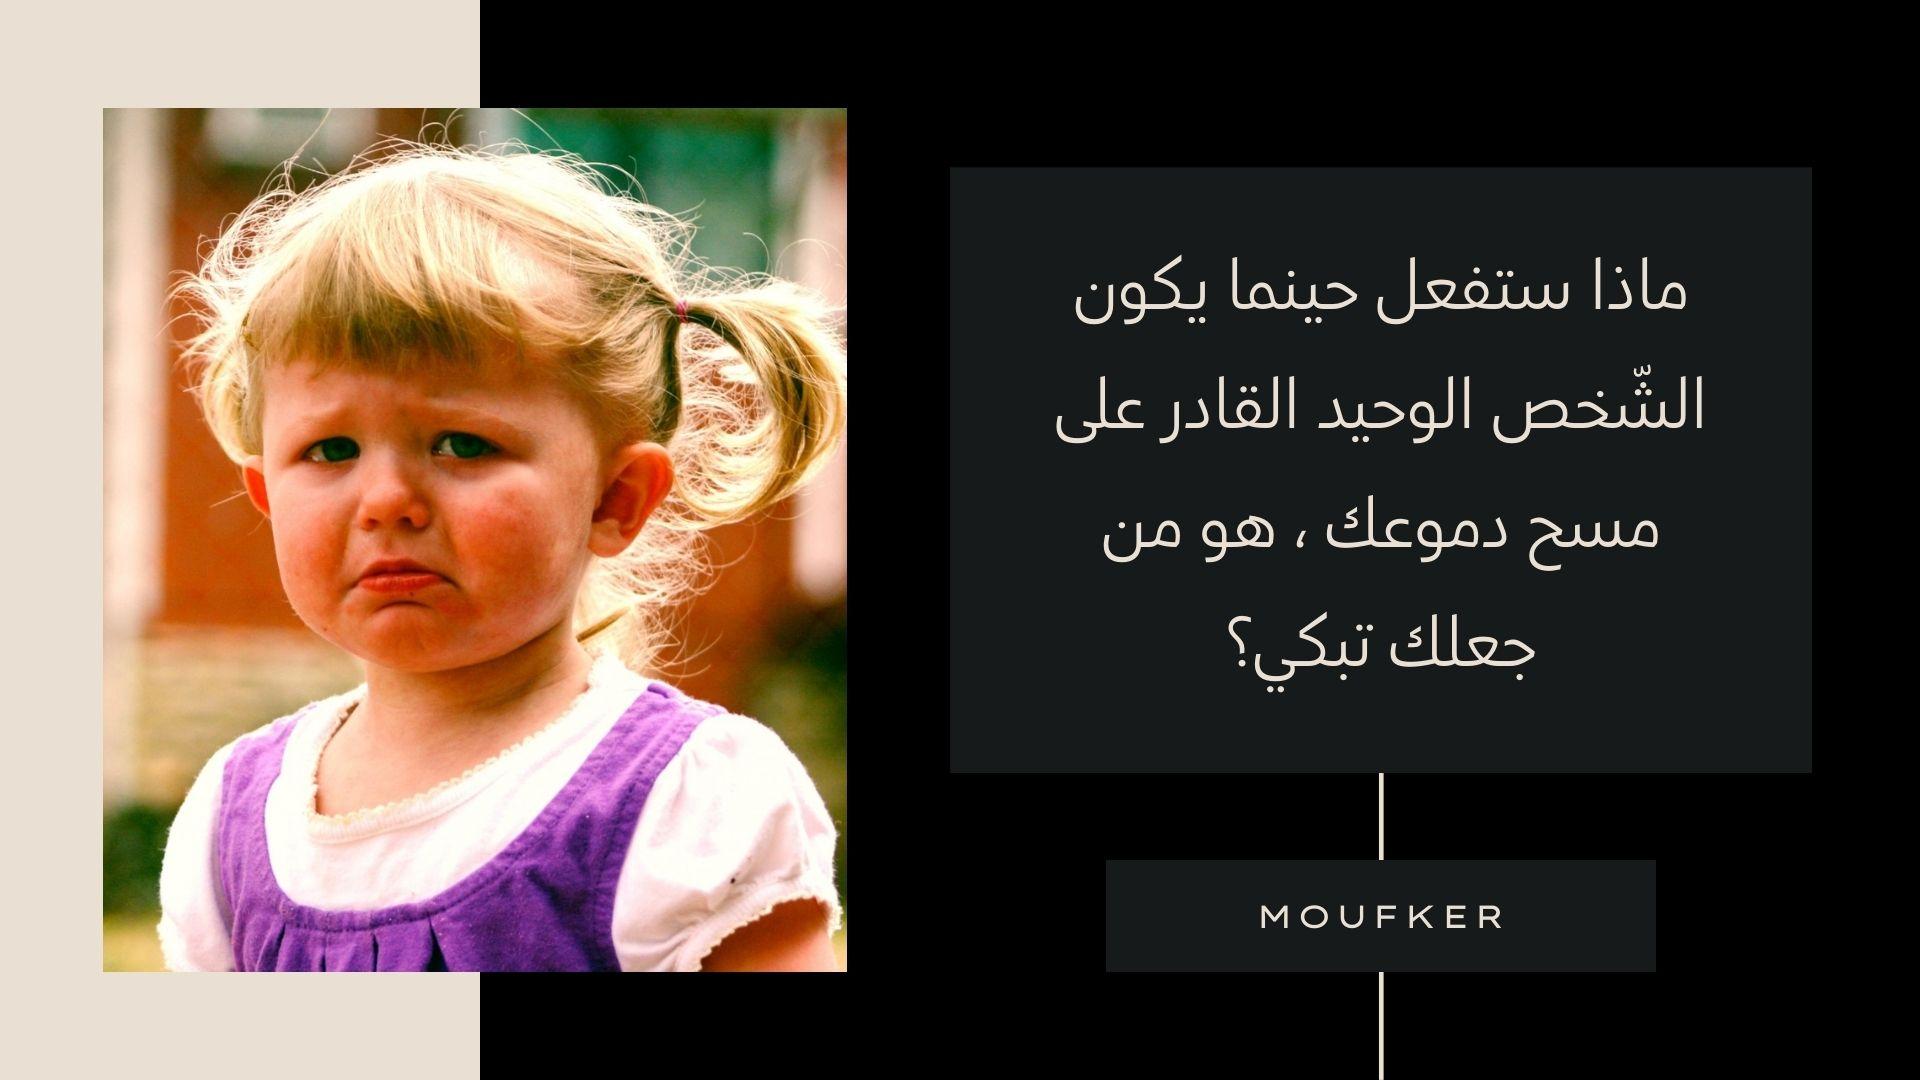 ماذا ستفعل حينما يكون الشّخص الوحيد القادر على مسح دموعك ، هو من جعلك تبكي؟